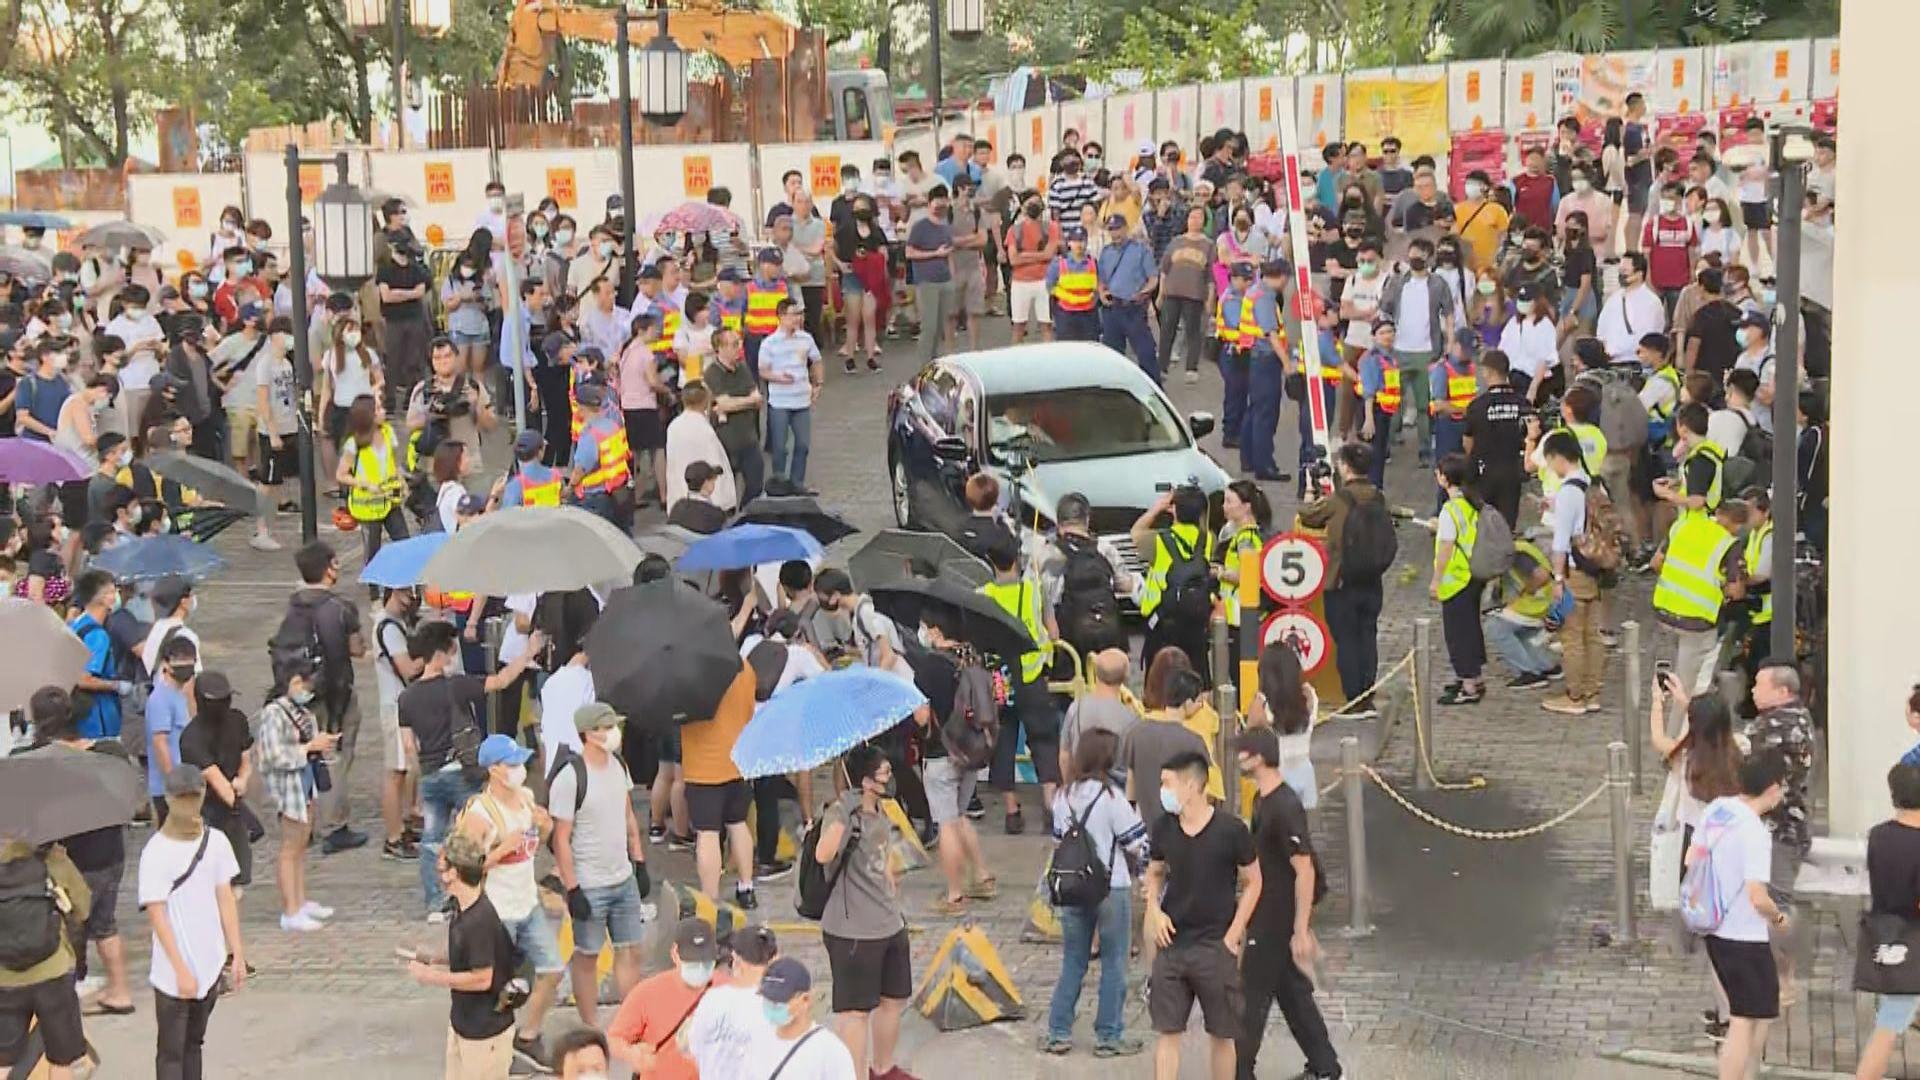 聶德權出席活動期間遇示威 座駕被堵